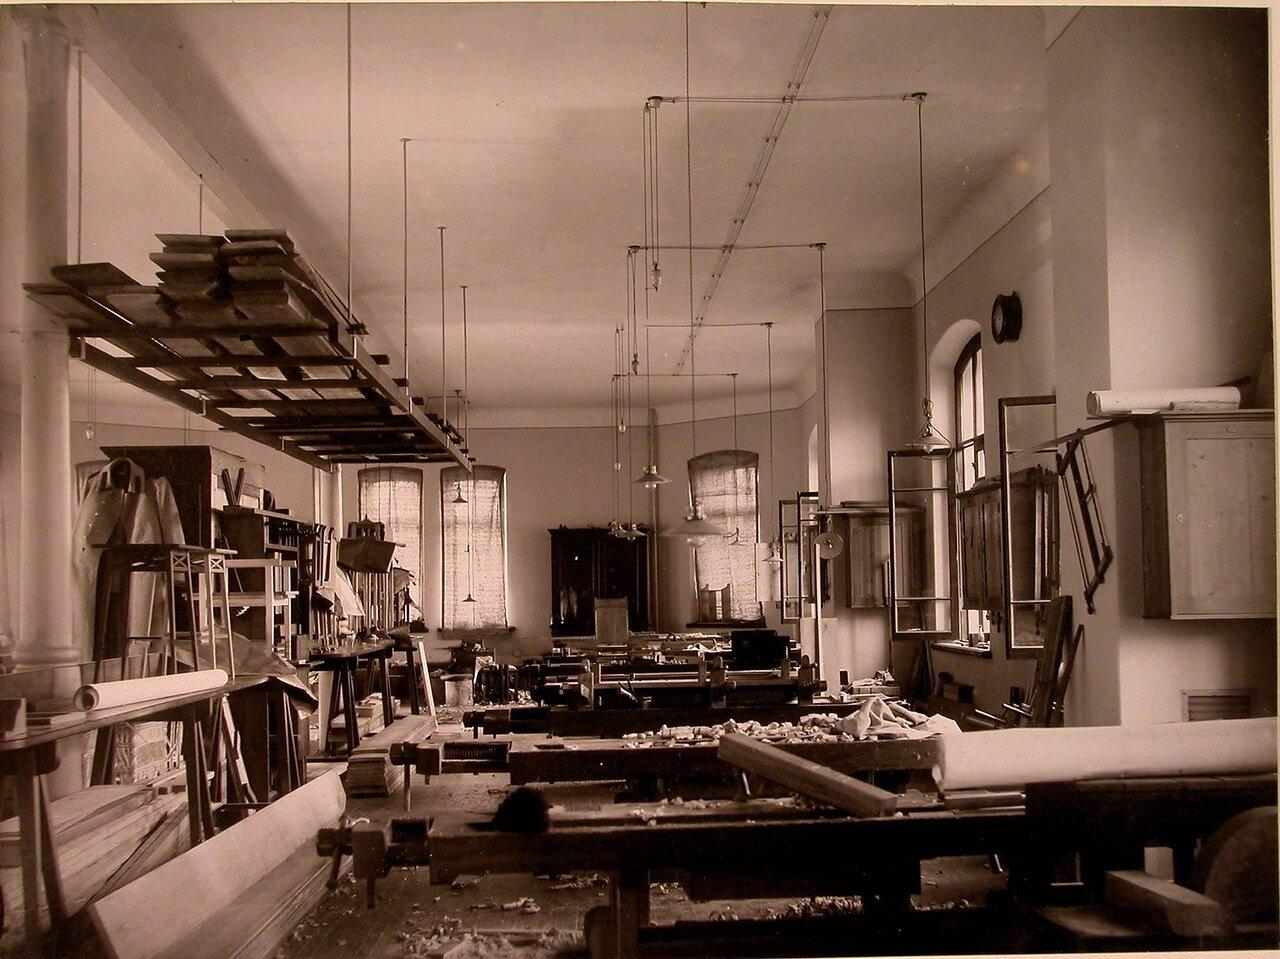 17. Внутренний вид мастерской дома призрения для увечных воинов